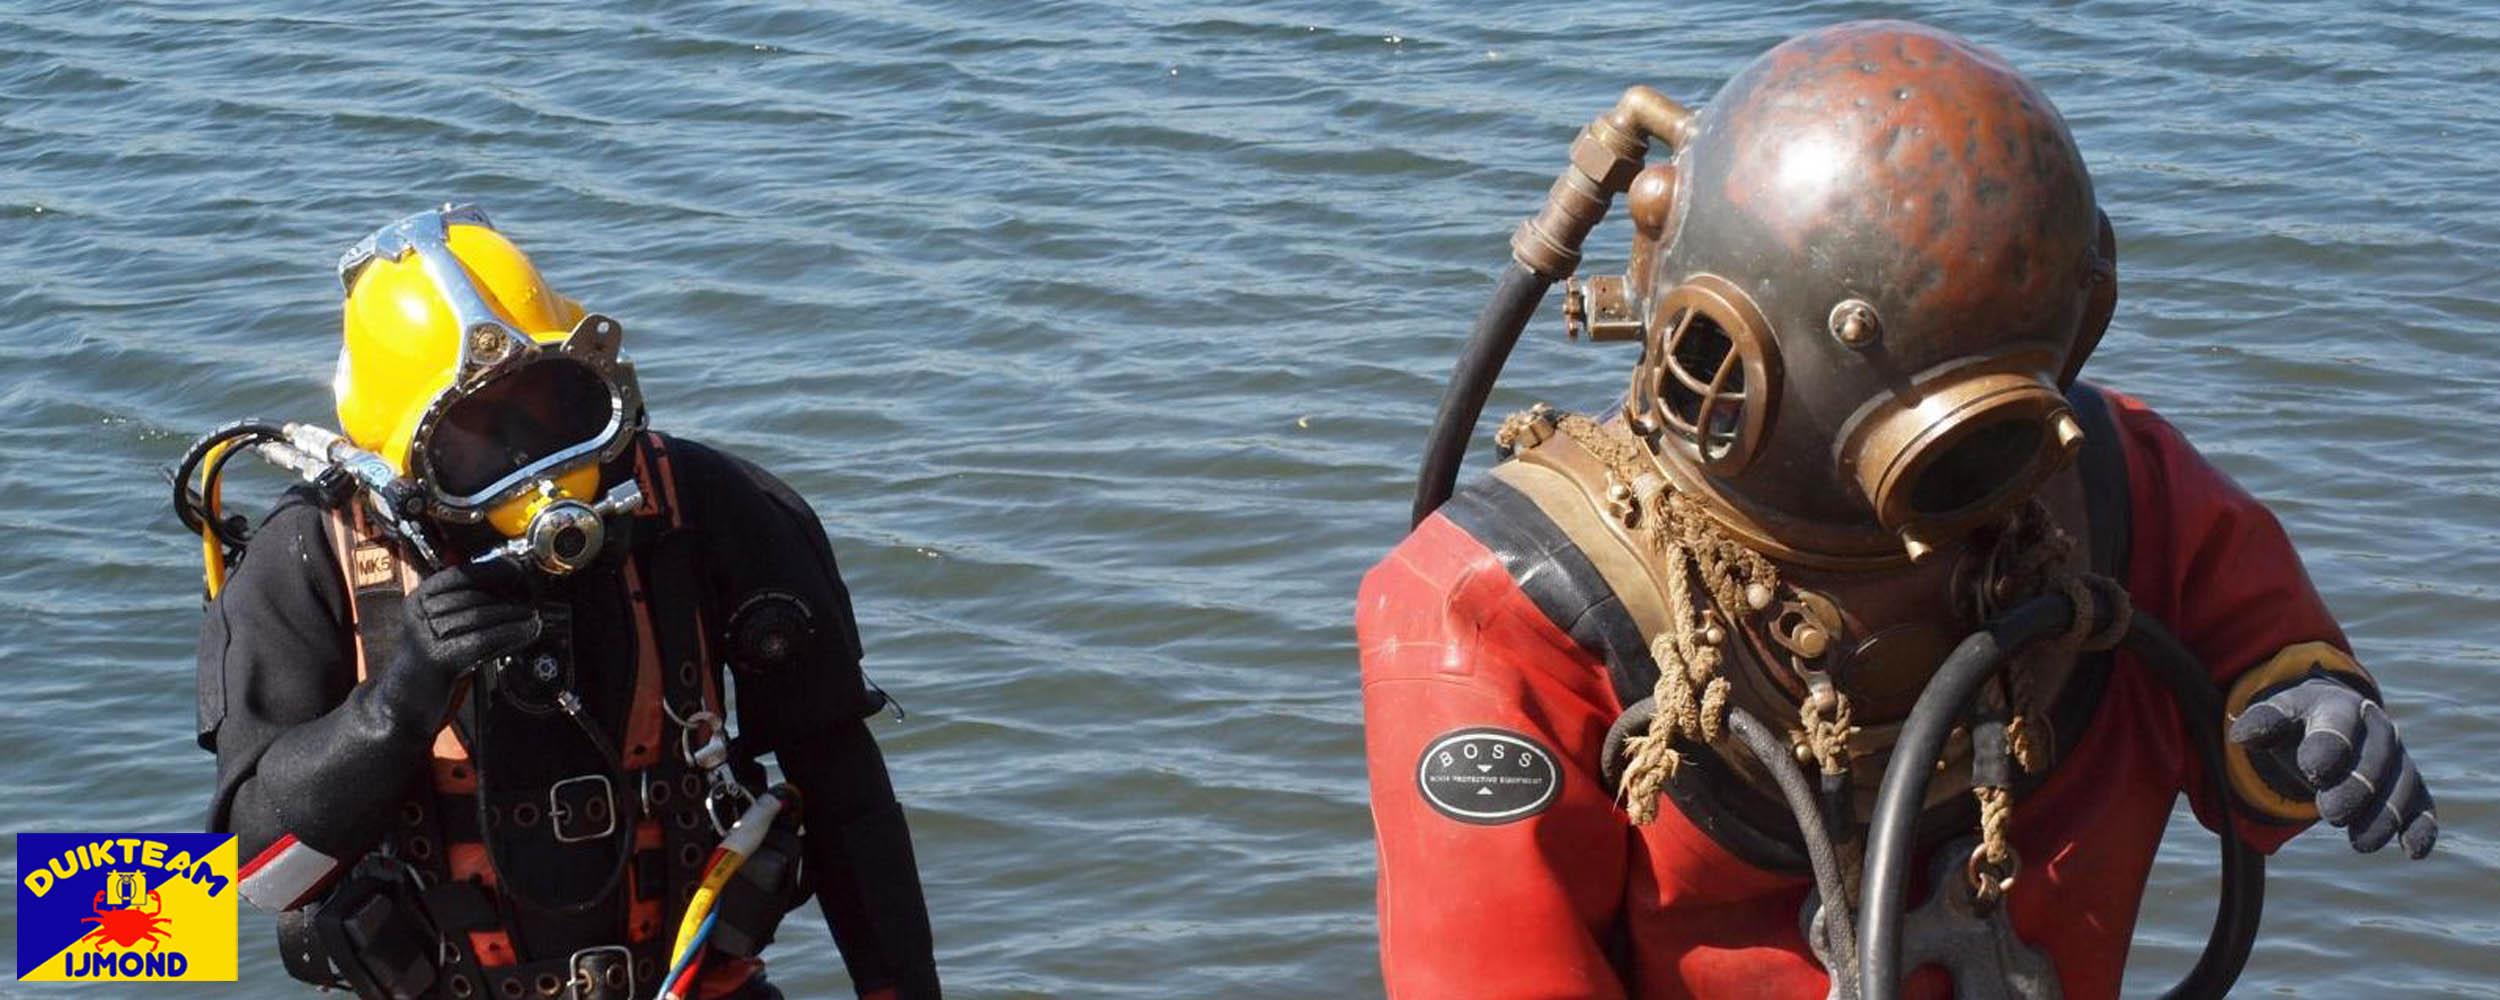 kirby morgan en siebe gorman helmduikers bij duikteam ijmond